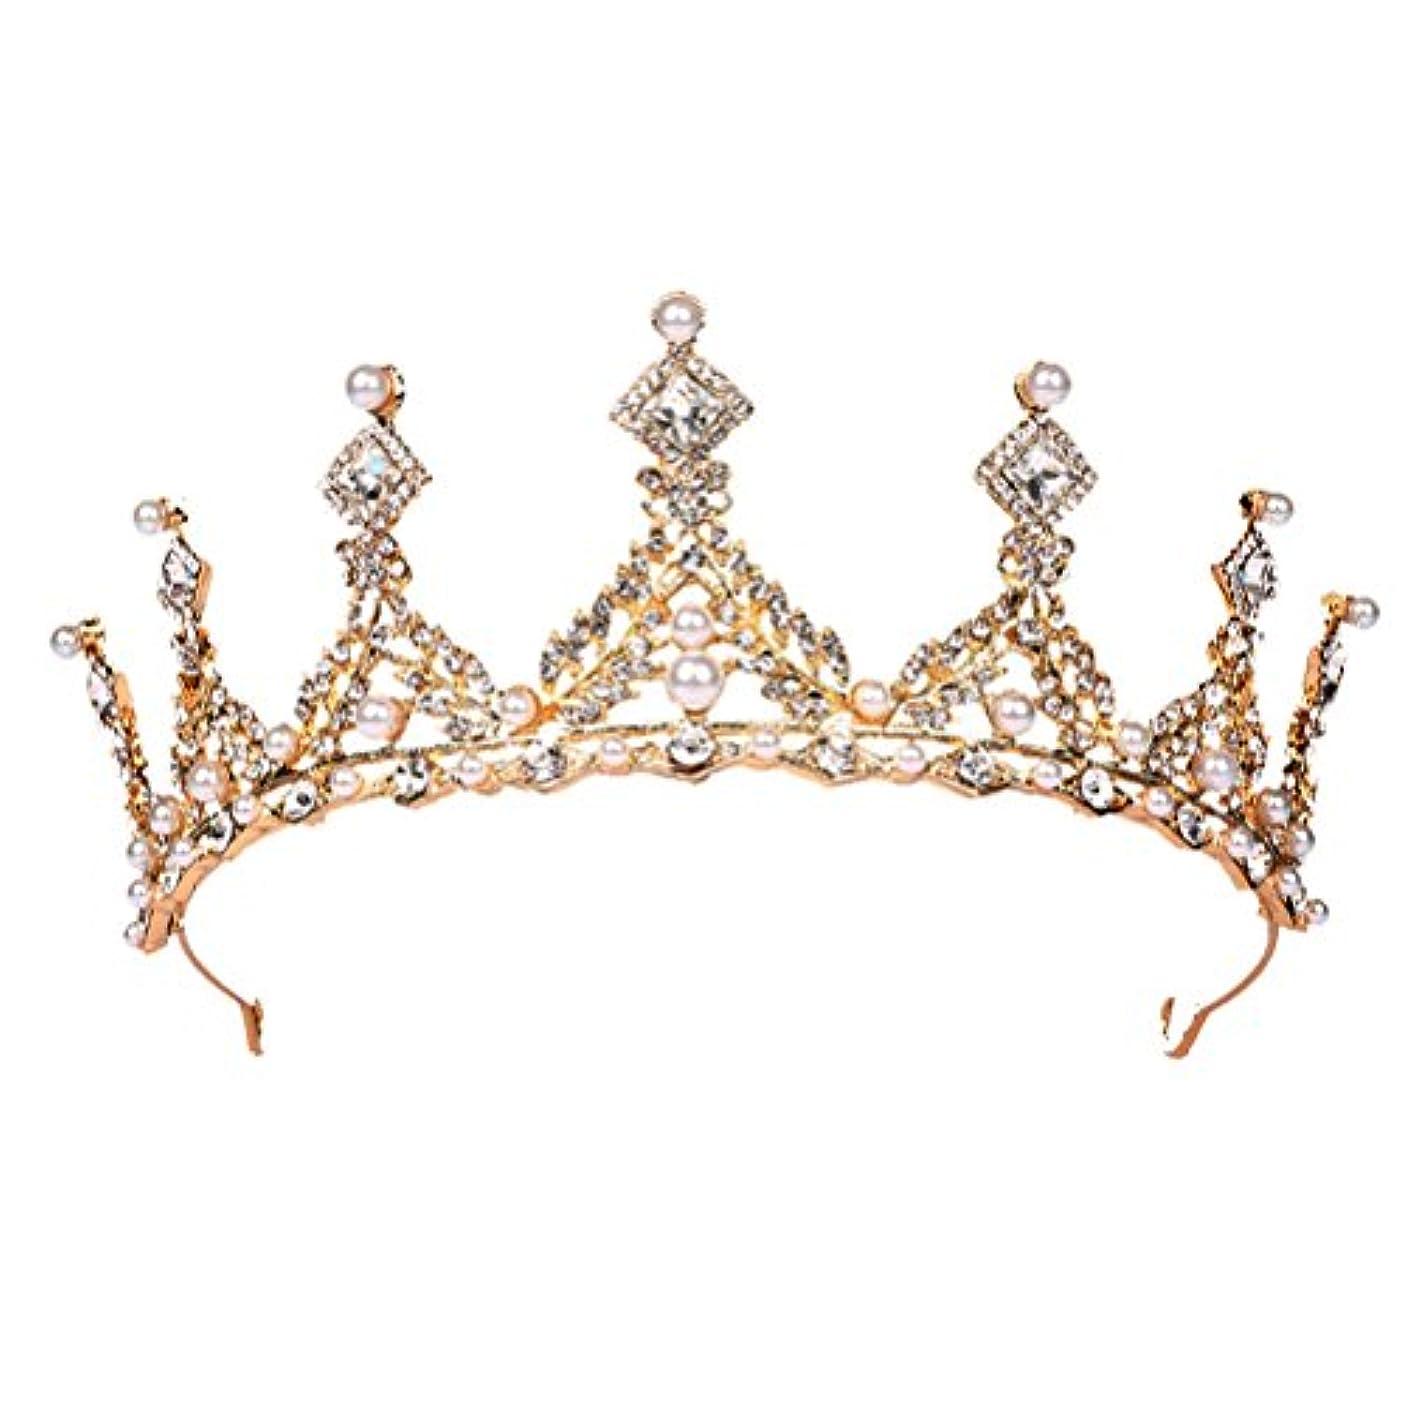 祭司尾ささいなFENICAL ブライダル ティアラ ヘアバンド 花嫁 結婚式 ウェディング 王冠 クラウン クリスタル 髪飾り ヘアアクセサリー(ゴールデン)